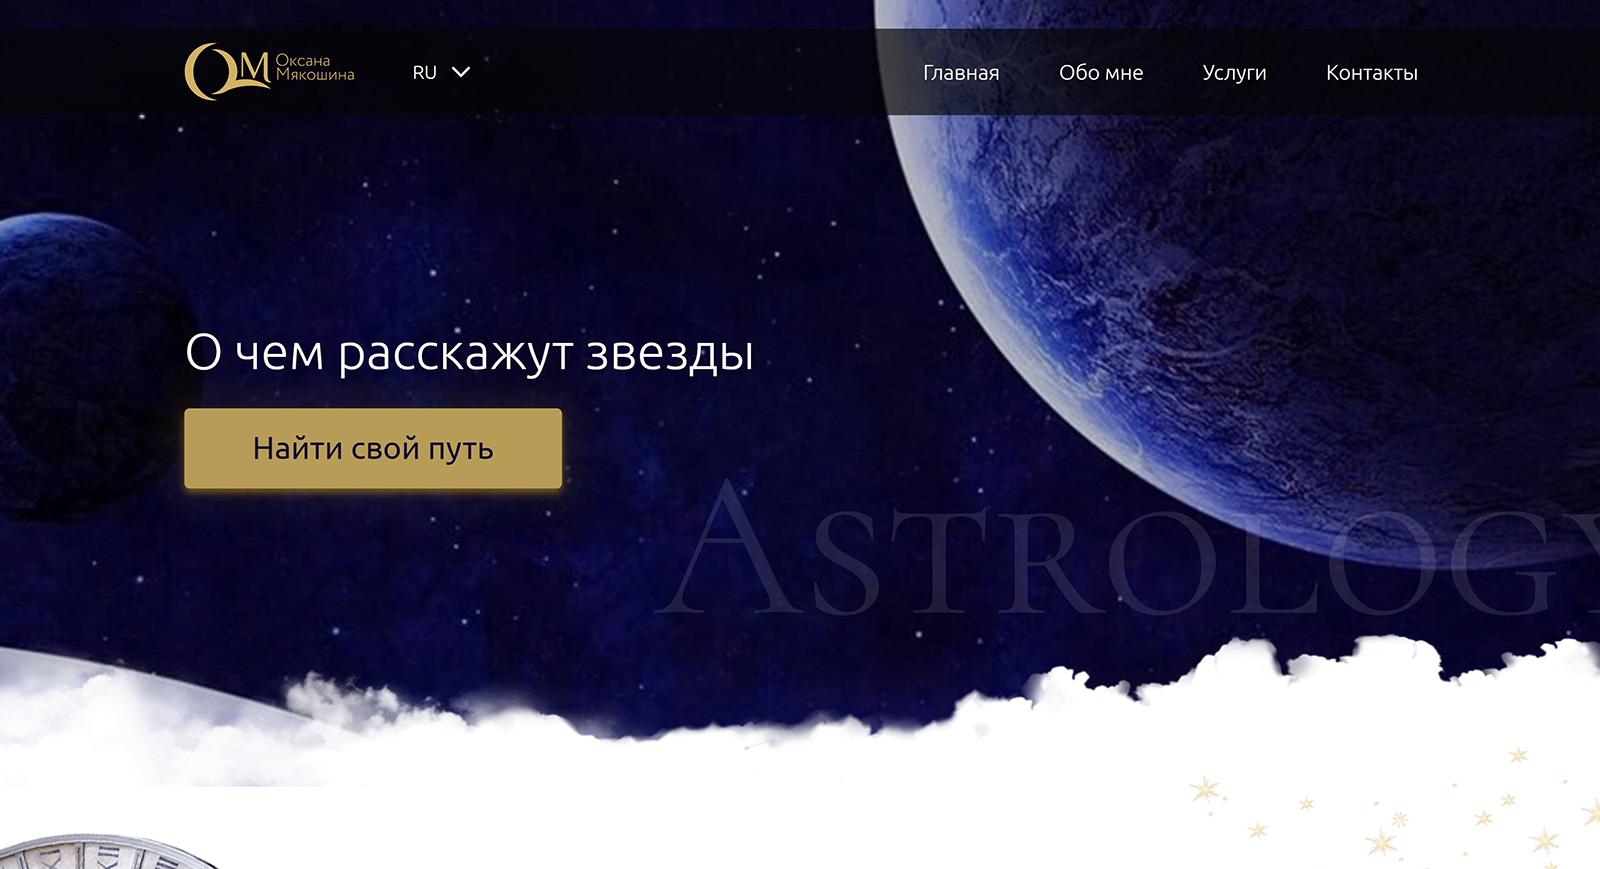 Оксана Мякошина — профессиональный астролог